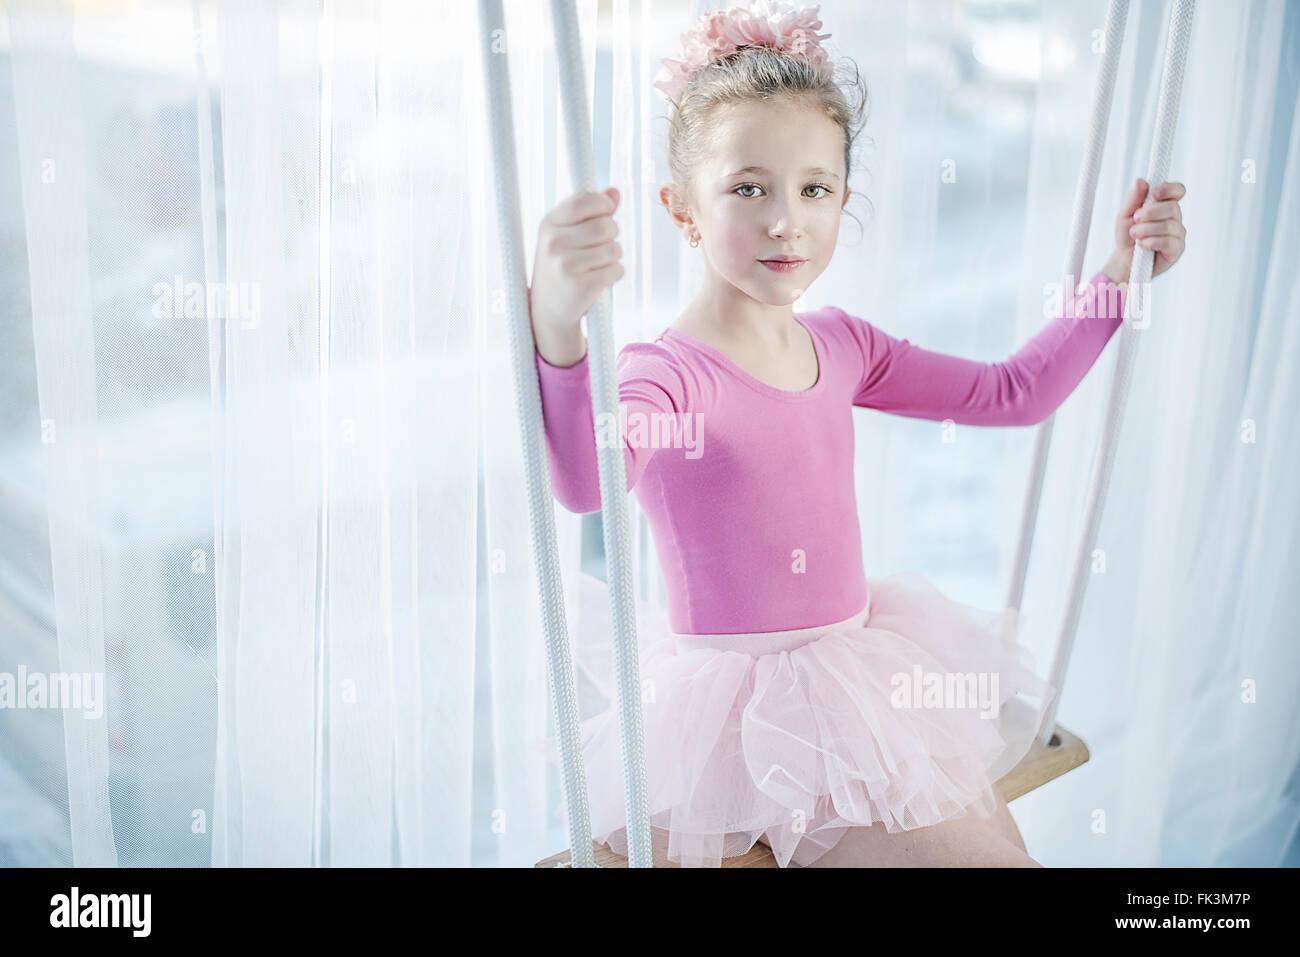 Triste petite fille assise sur une balançoire Photo Stock